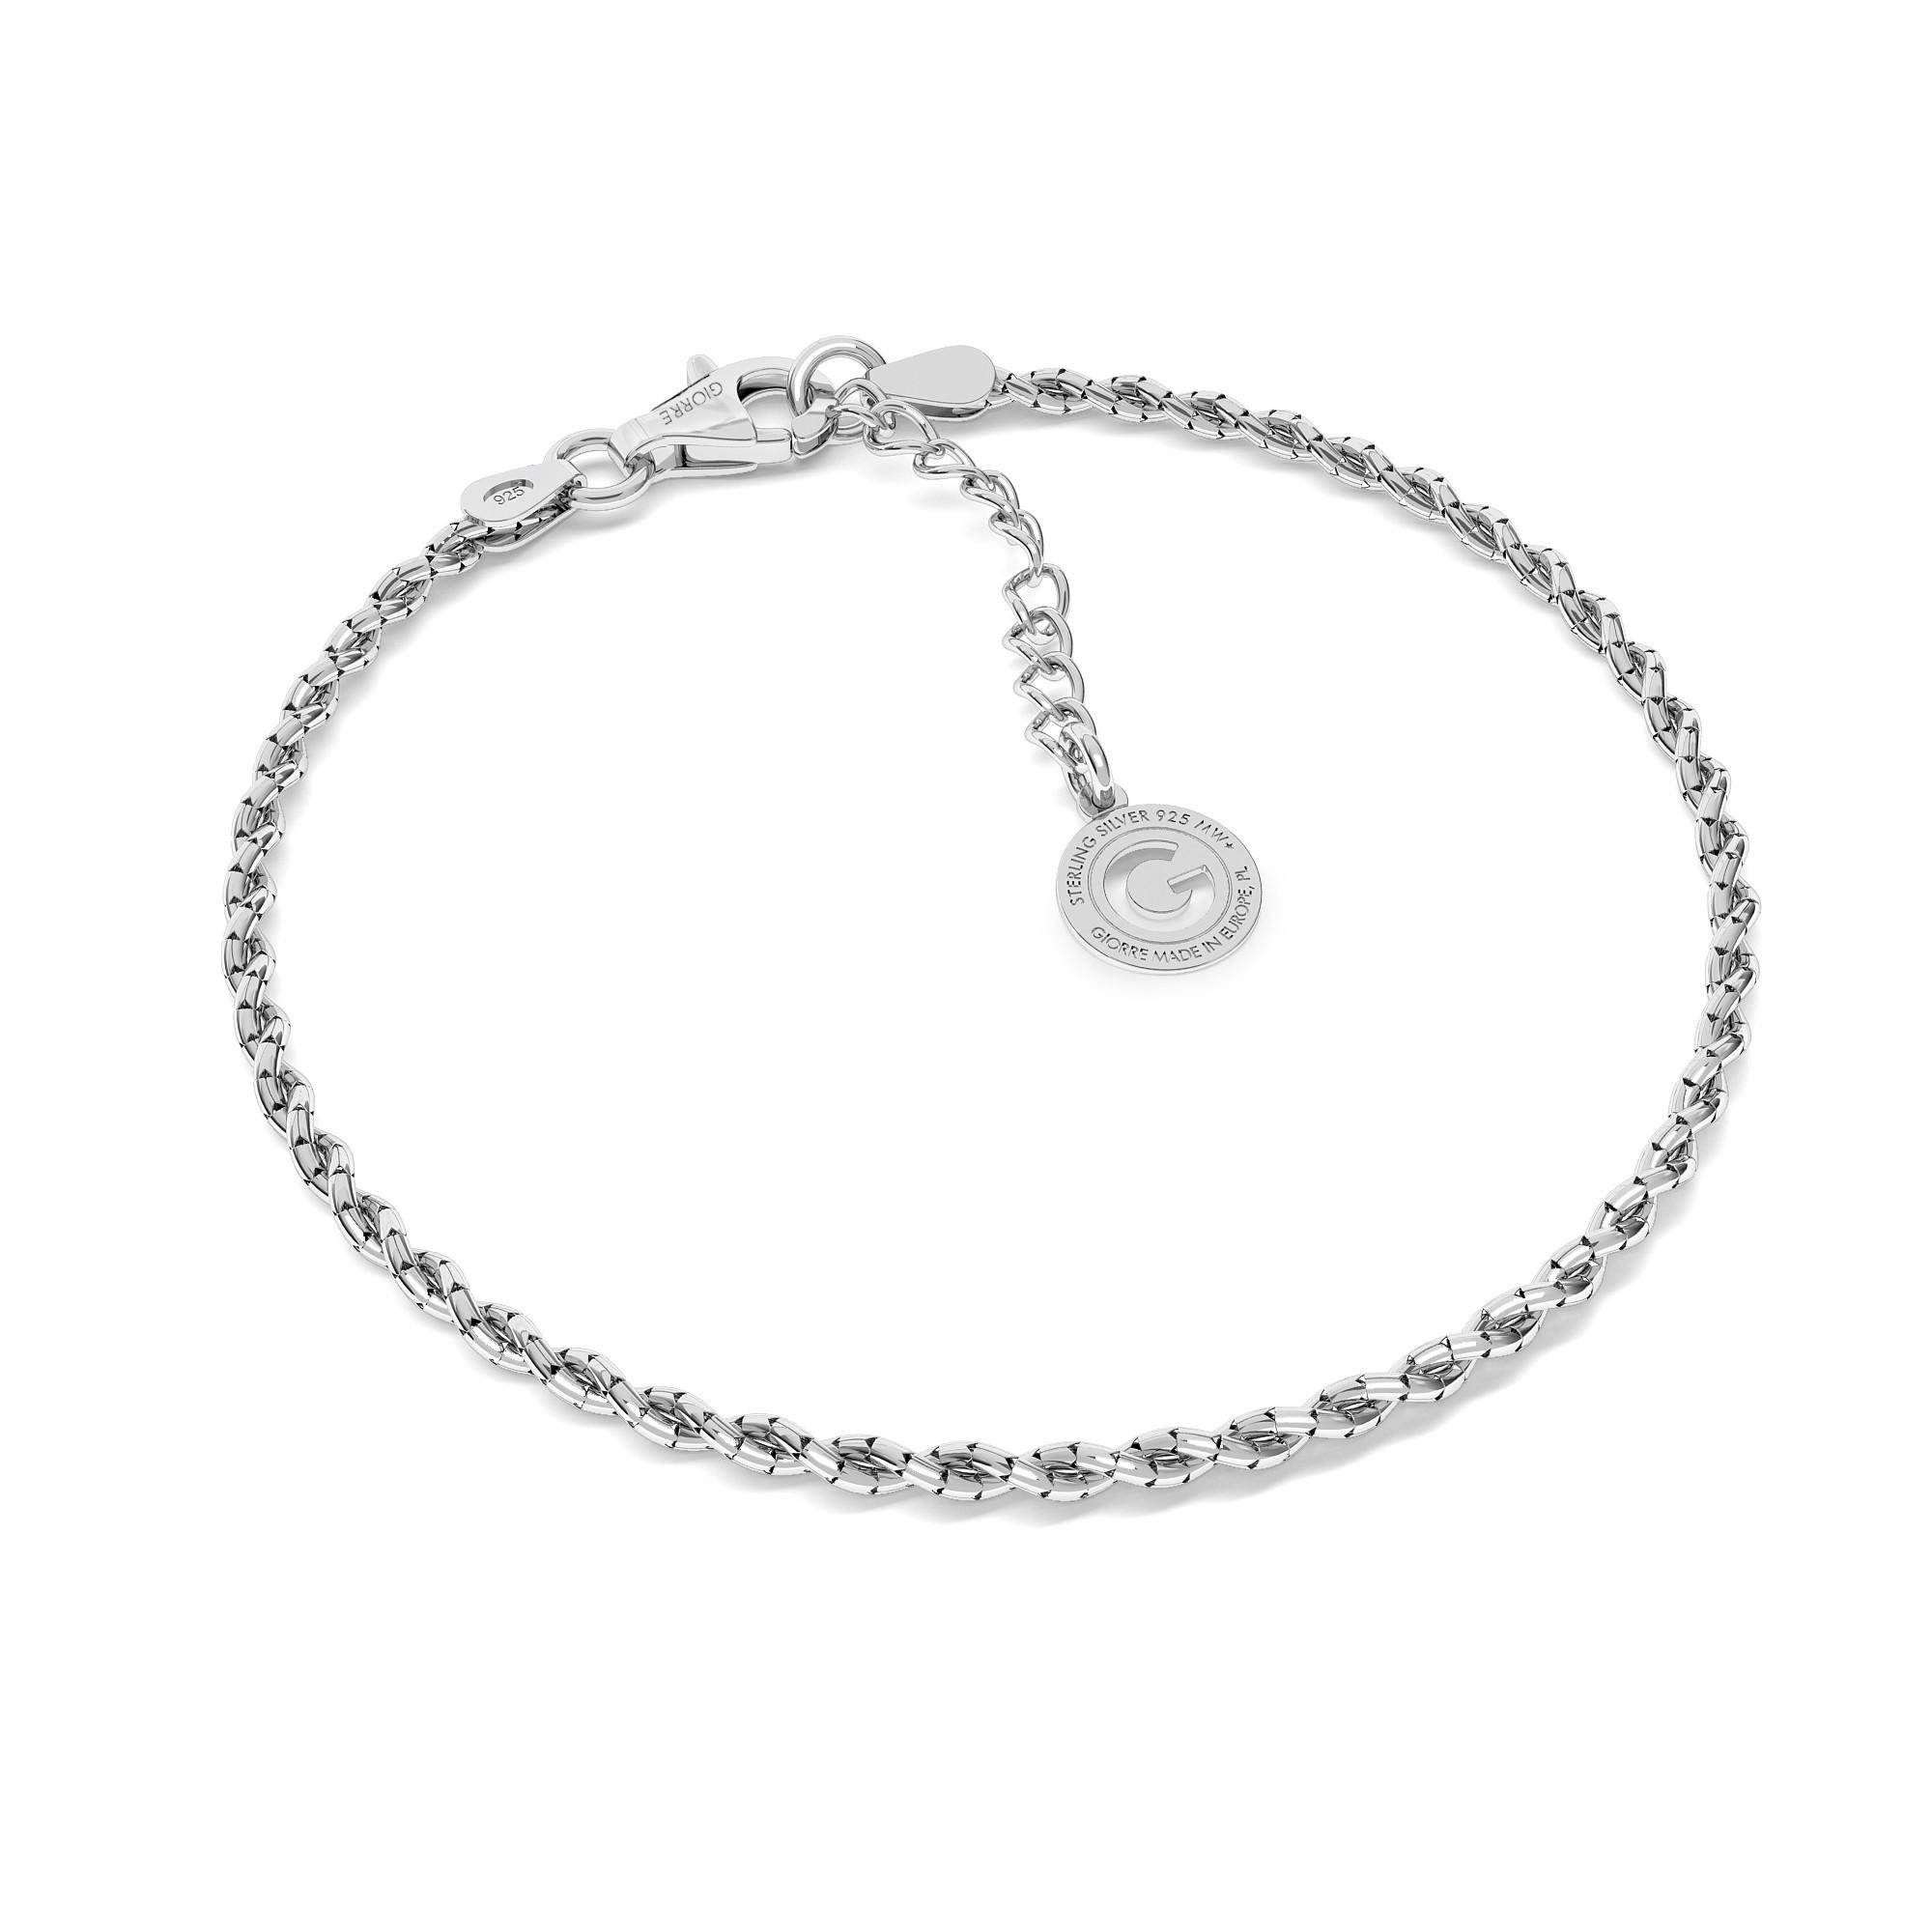 Coreana multi chain sterling silver 925